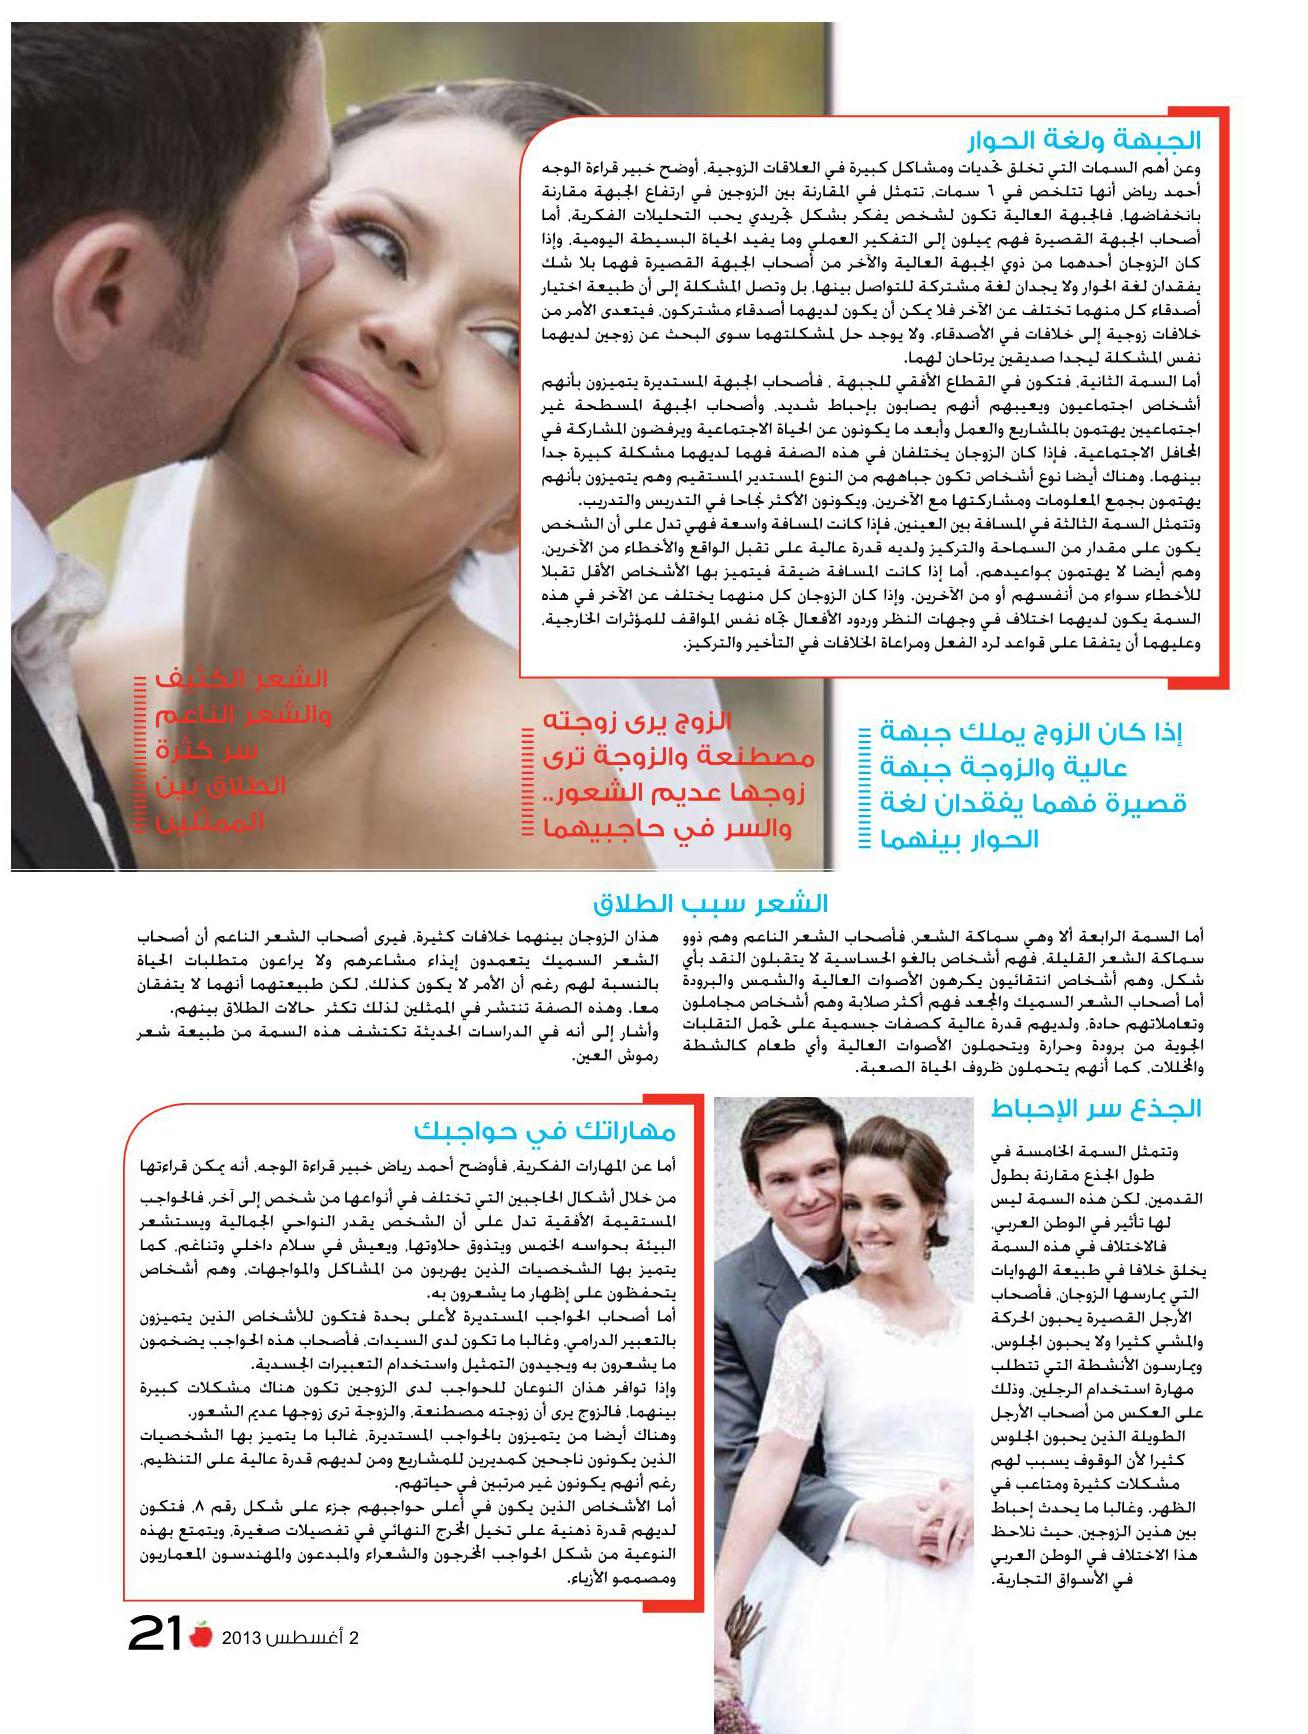 قراءة الوجه دليلك لزوج المستقبل